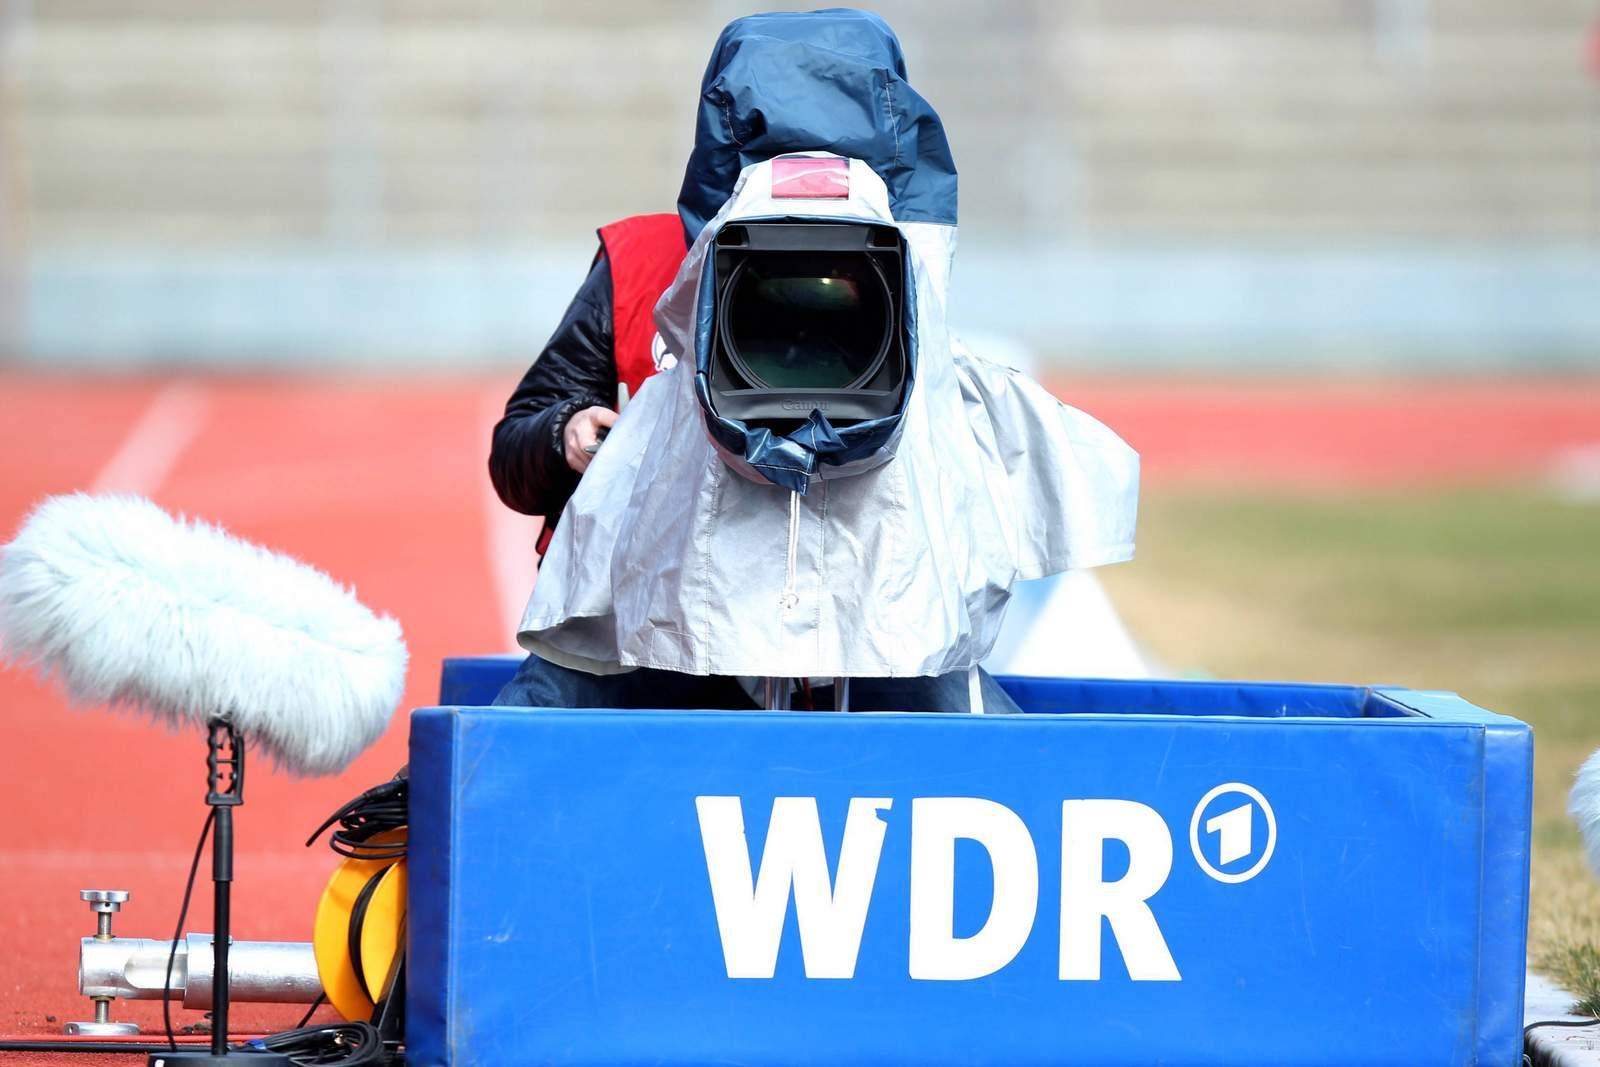 Kameramann vom WDR in der 3.Liga